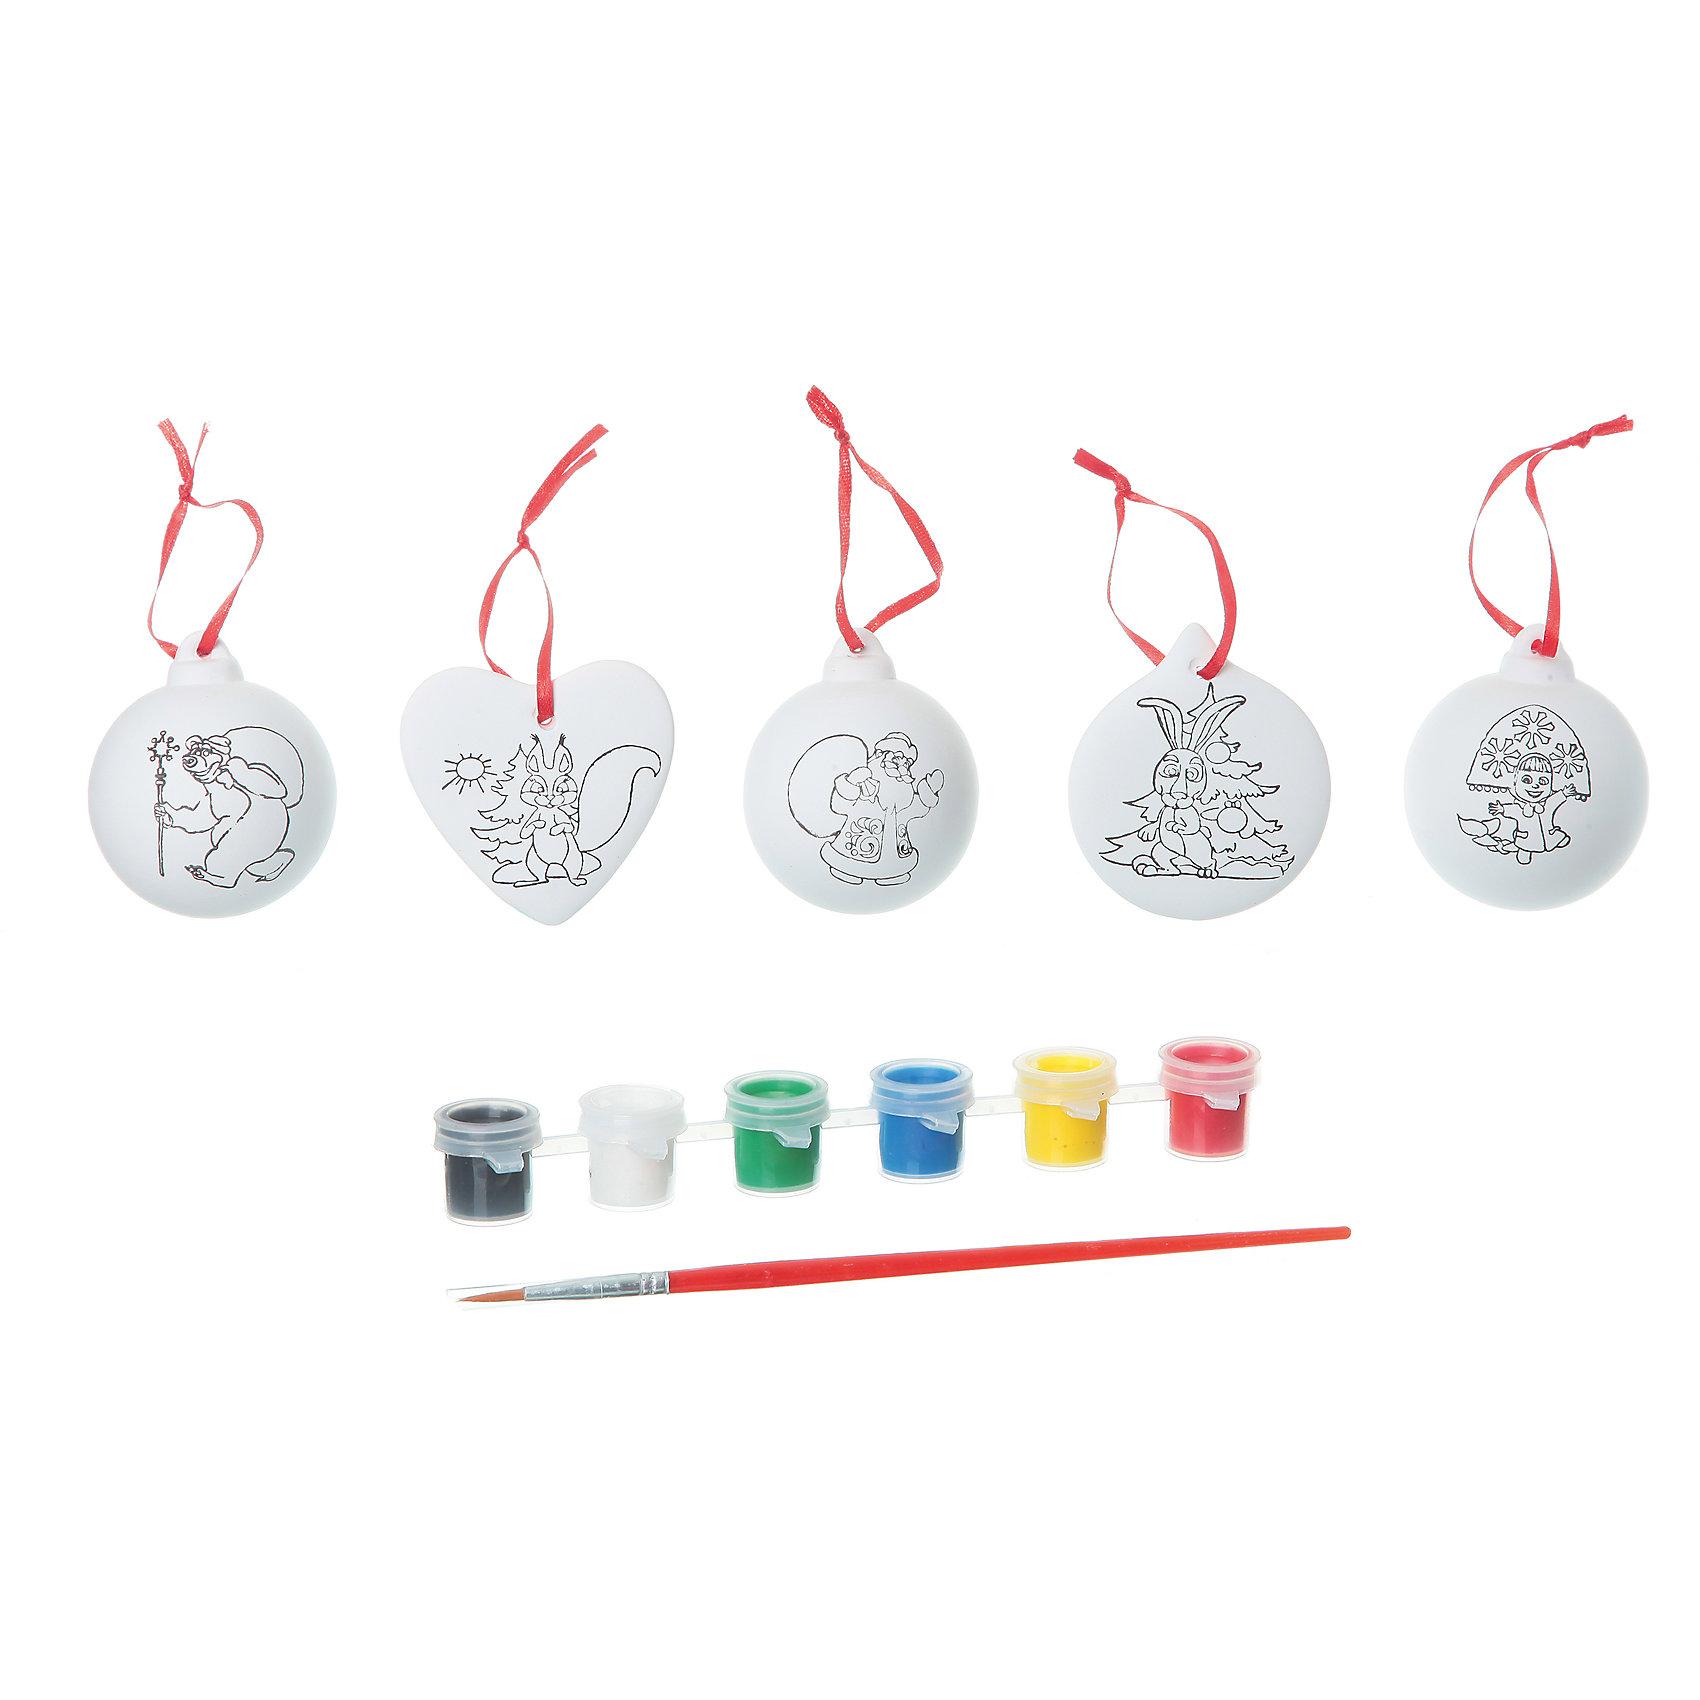 Набор для творчества с Машей (3 шарика, сердце, круг), BondibonНабор для творчества с Машей (3 шарика, сердце, круг), Bondibon (Бондибон).<br><br>Характеристики:<br><br>• Материал: керамика, краски, текстиль.<br>• В набор входит: <br>- 5 керамических фигурок для раскрашивания, <br>- краски 6 цветов,<br>- кисточка, <br>- инструкция.<br><br>Создайте новогоднее настроение вместе со своими детьми! Набор для творчества с Машей поможет вам провести творчески досуг и создаст праздничное настроение. В наборе 5 керамических фигурок для раскрашивания: 3 шарика, круг, сердце, которые нужно раскрасить так, как вам подскажет фантазия. Раскрашивать изделия из керамики - очень интересно и увлекательно. Такие фигурки, раскрашенные вручную, станут отличным подарком! Работа с таким набором помогает развить творческие способности, усидчивость, внимательность, самостоятельность, координацию движений.<br><br>Набор для творчества с Машей (3 шарика, сердце, круг) Bondibon (Бондибон), можно купить в нашем интернет – магазине.<br><br>Ширина мм: 262<br>Глубина мм: 60<br>Высота мм: 222<br>Вес г: 550<br>Возраст от месяцев: 60<br>Возраст до месяцев: 1188<br>Пол: Унисекс<br>Возраст: Детский<br>SKU: 5124537